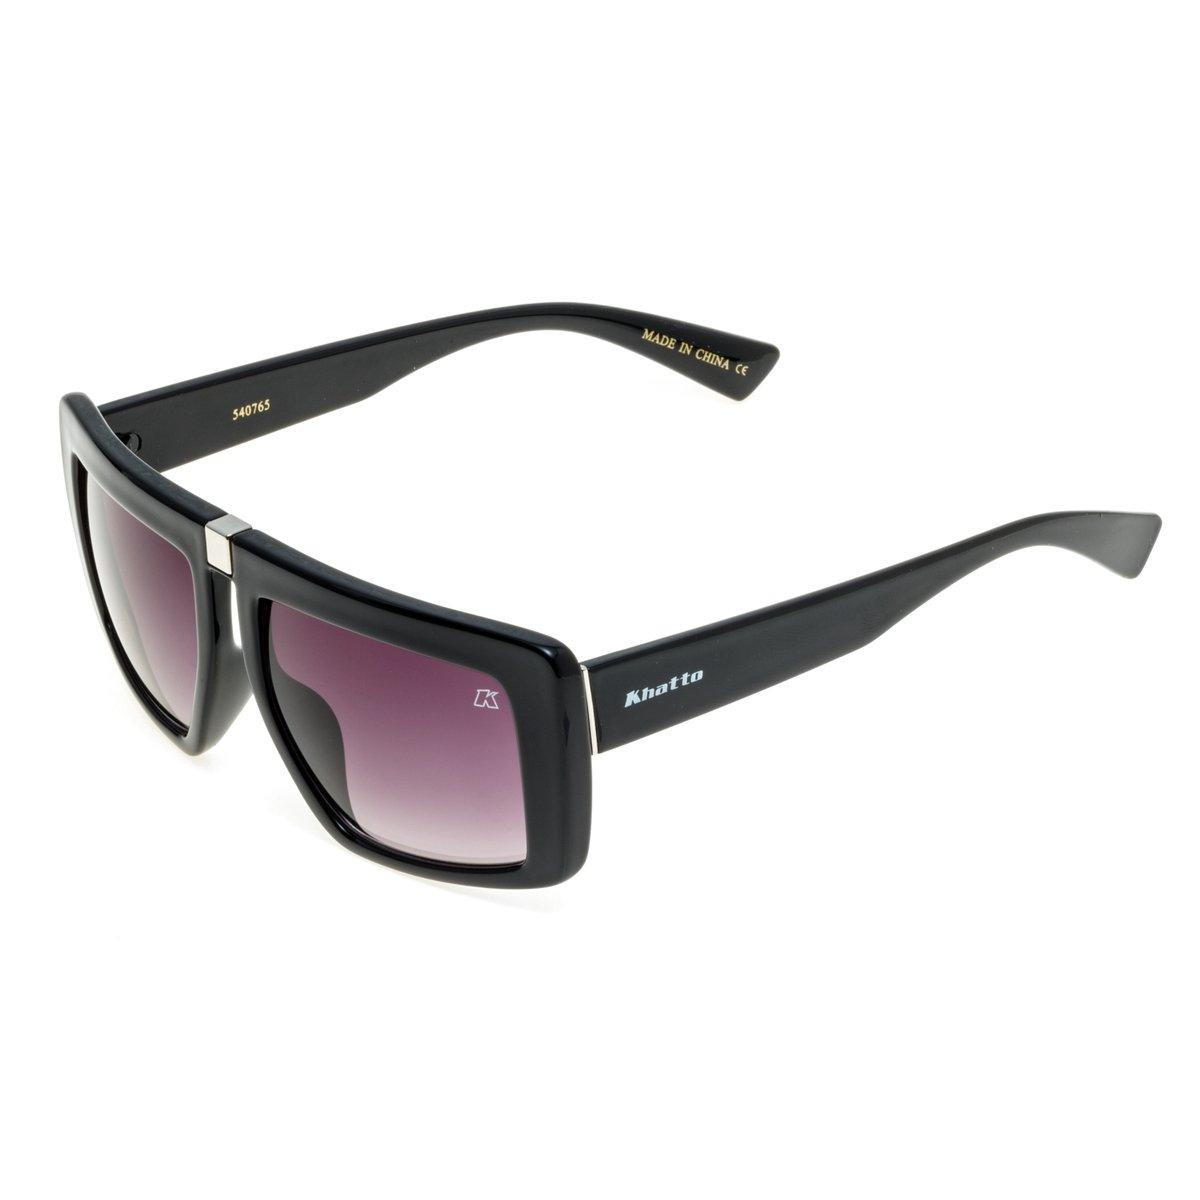 131604353c87f Óculos de Sol Khatto KT540765 - Compre Agora   Netshoes